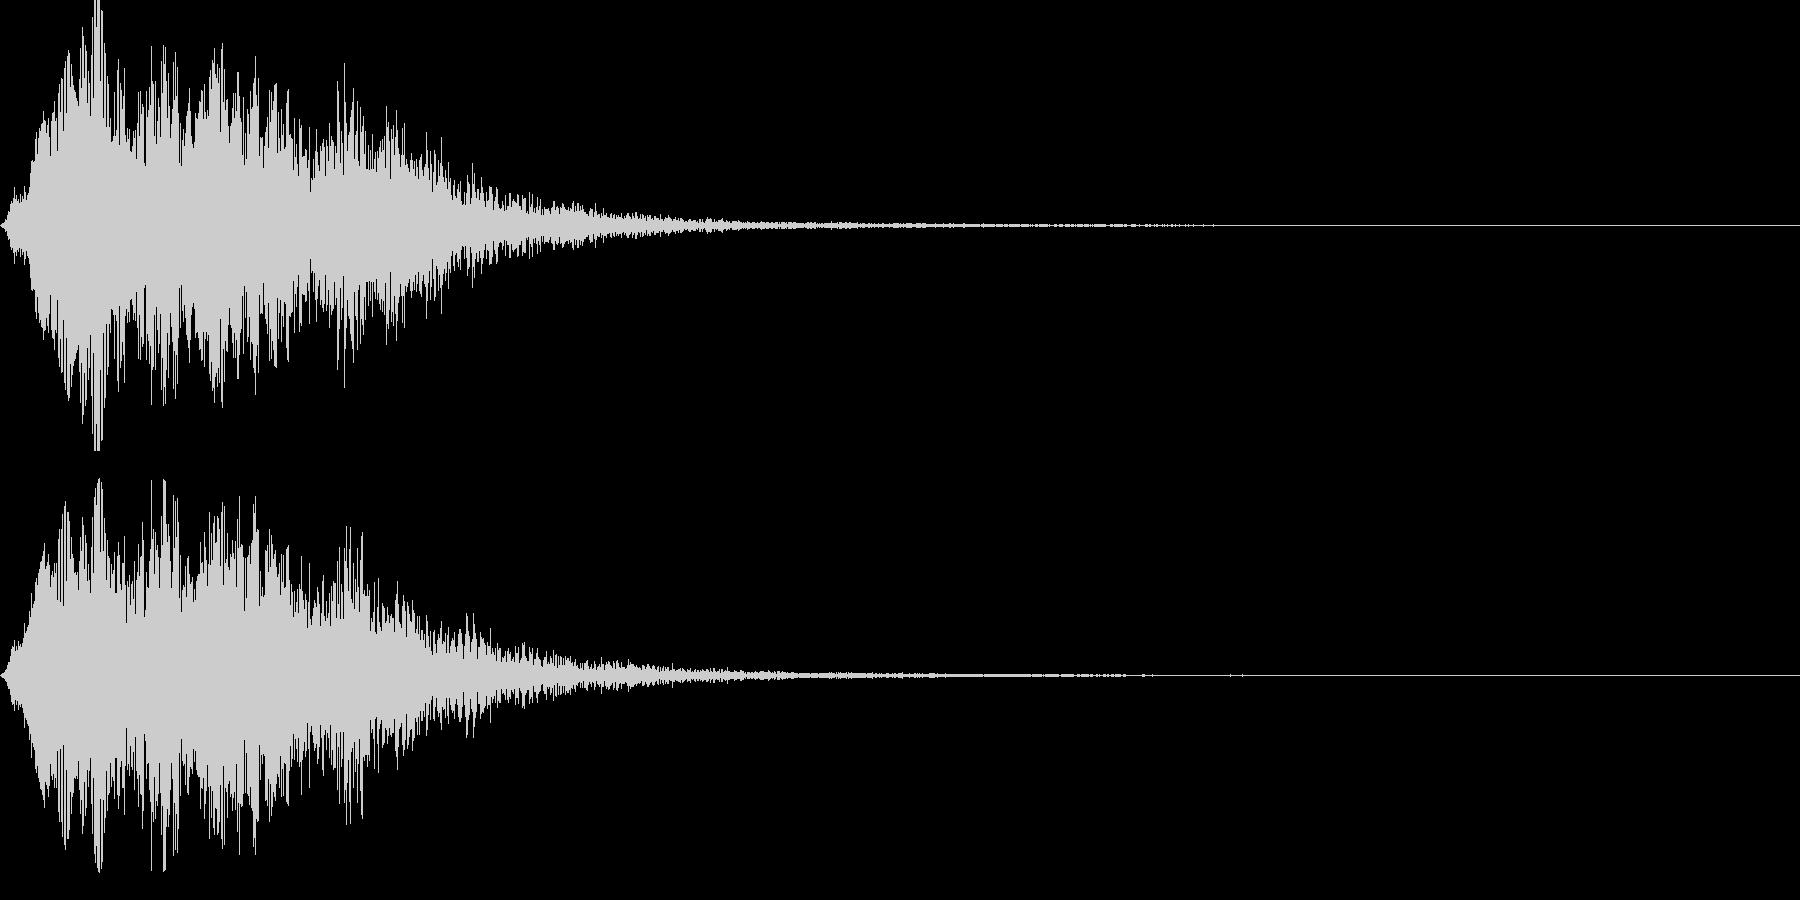 ストリングフレーズ03の未再生の波形